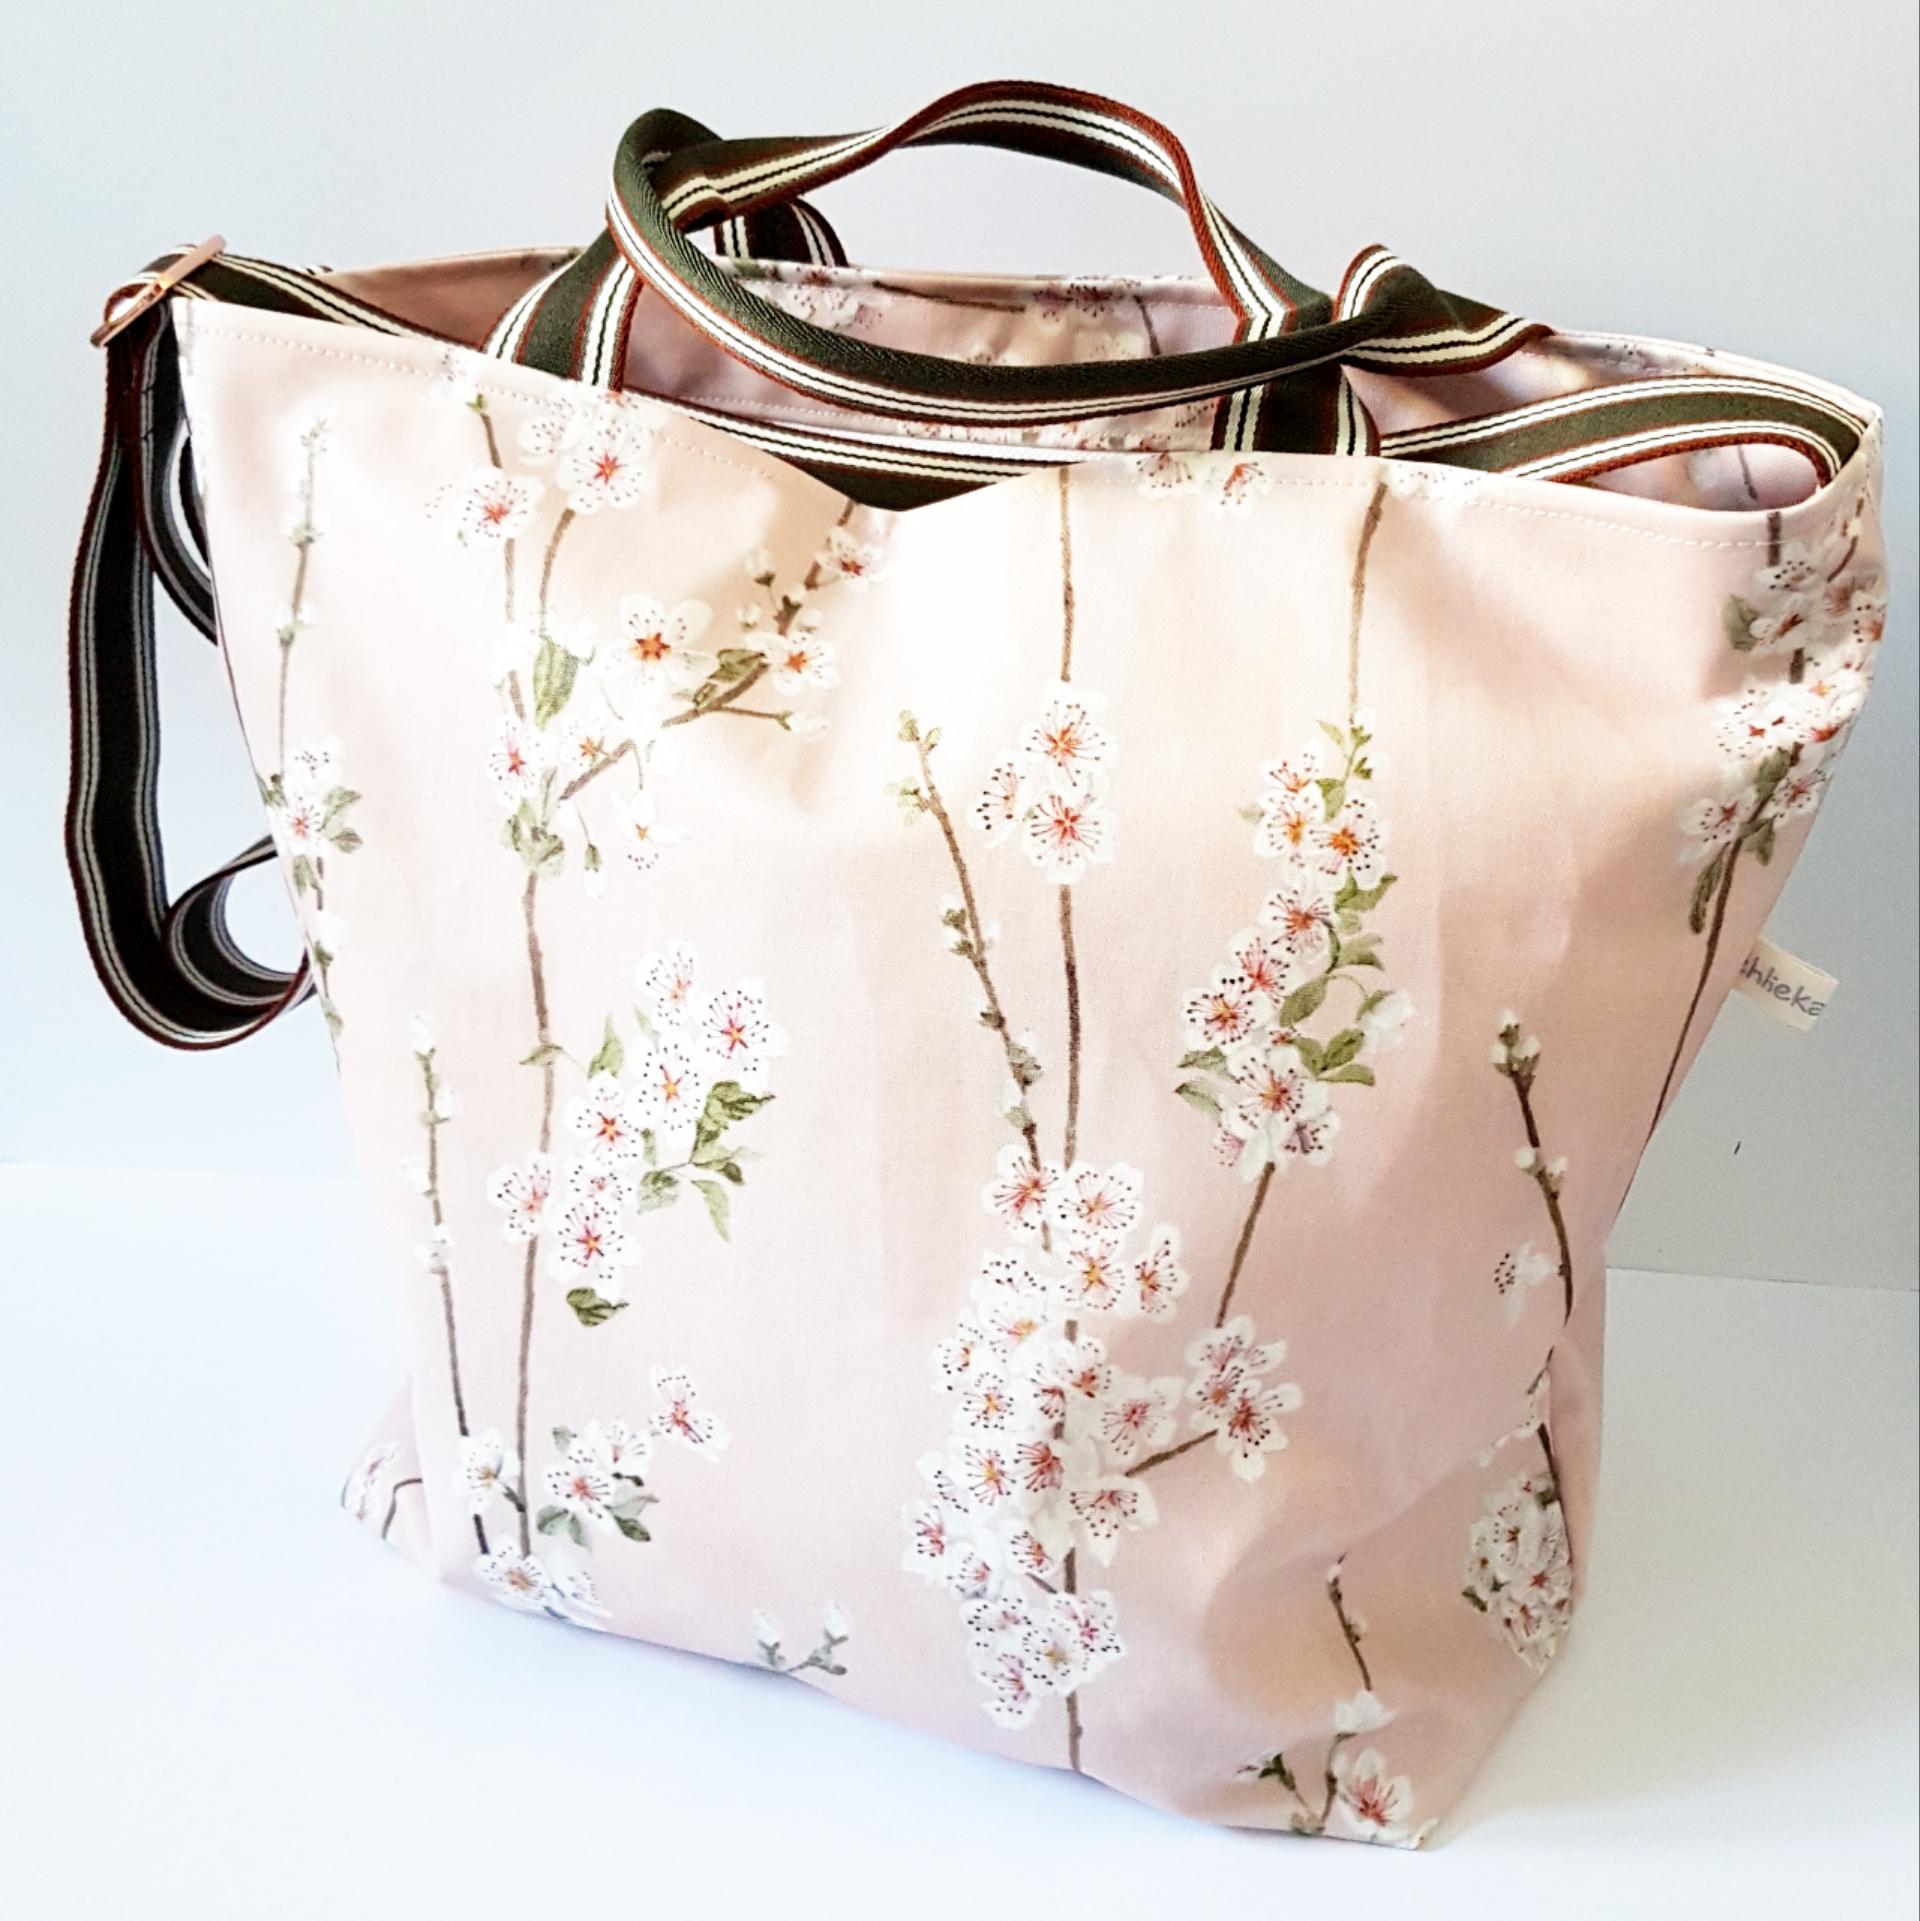 Shopper/Einkaufstasche Almond Blossom, Fr. 95.-